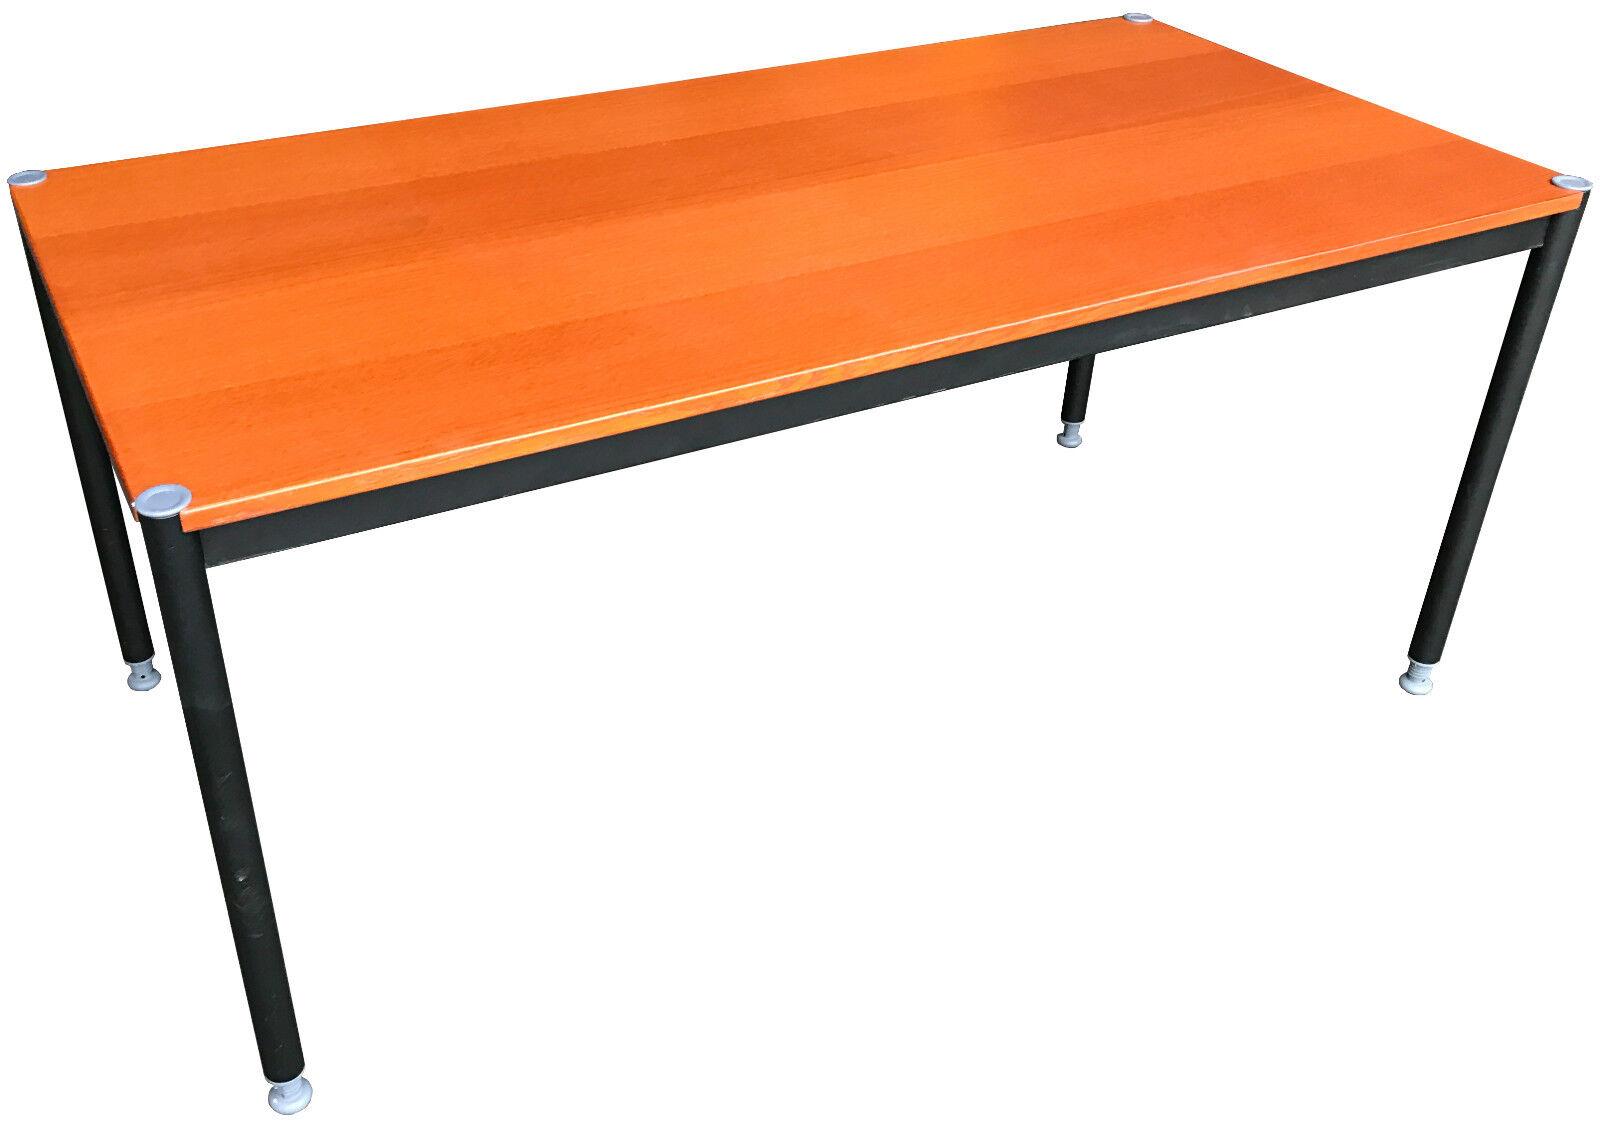 IKEA effektiv Schreibtisch Goldbraun/silber 160x80cm | eBay